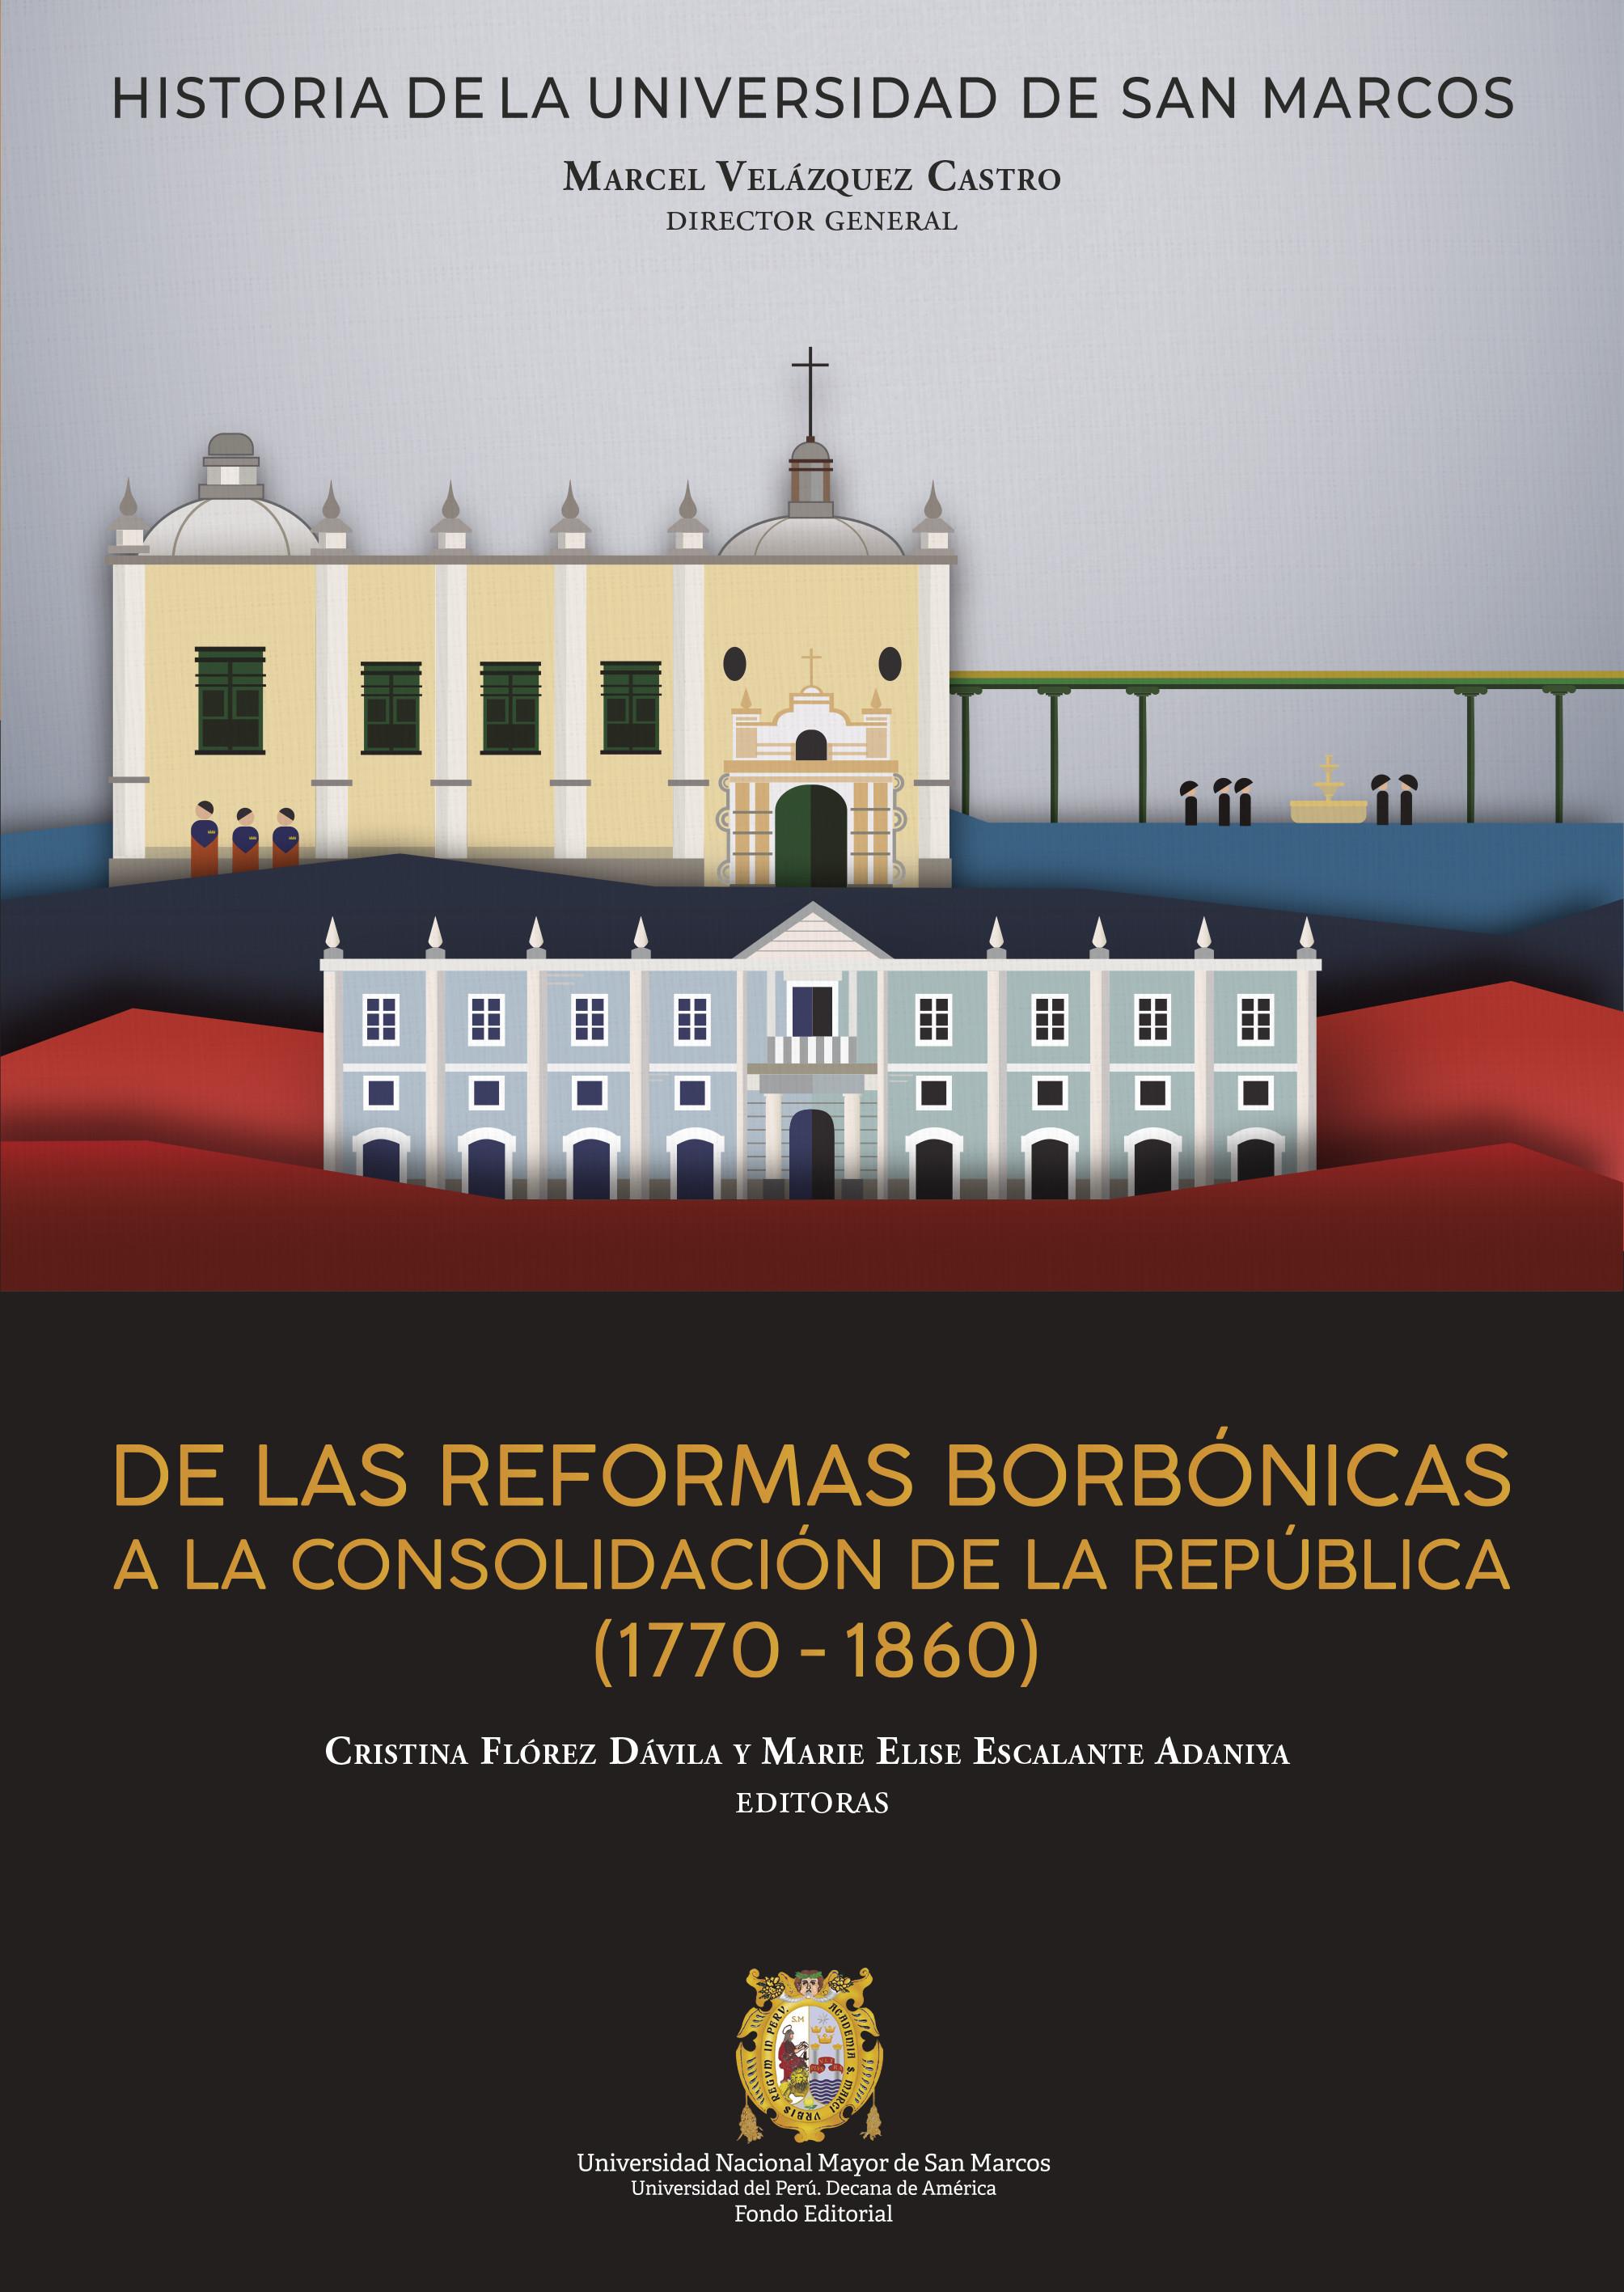 HISTORIA DE LA UNIVERSIDAD DE SAN MARCOS